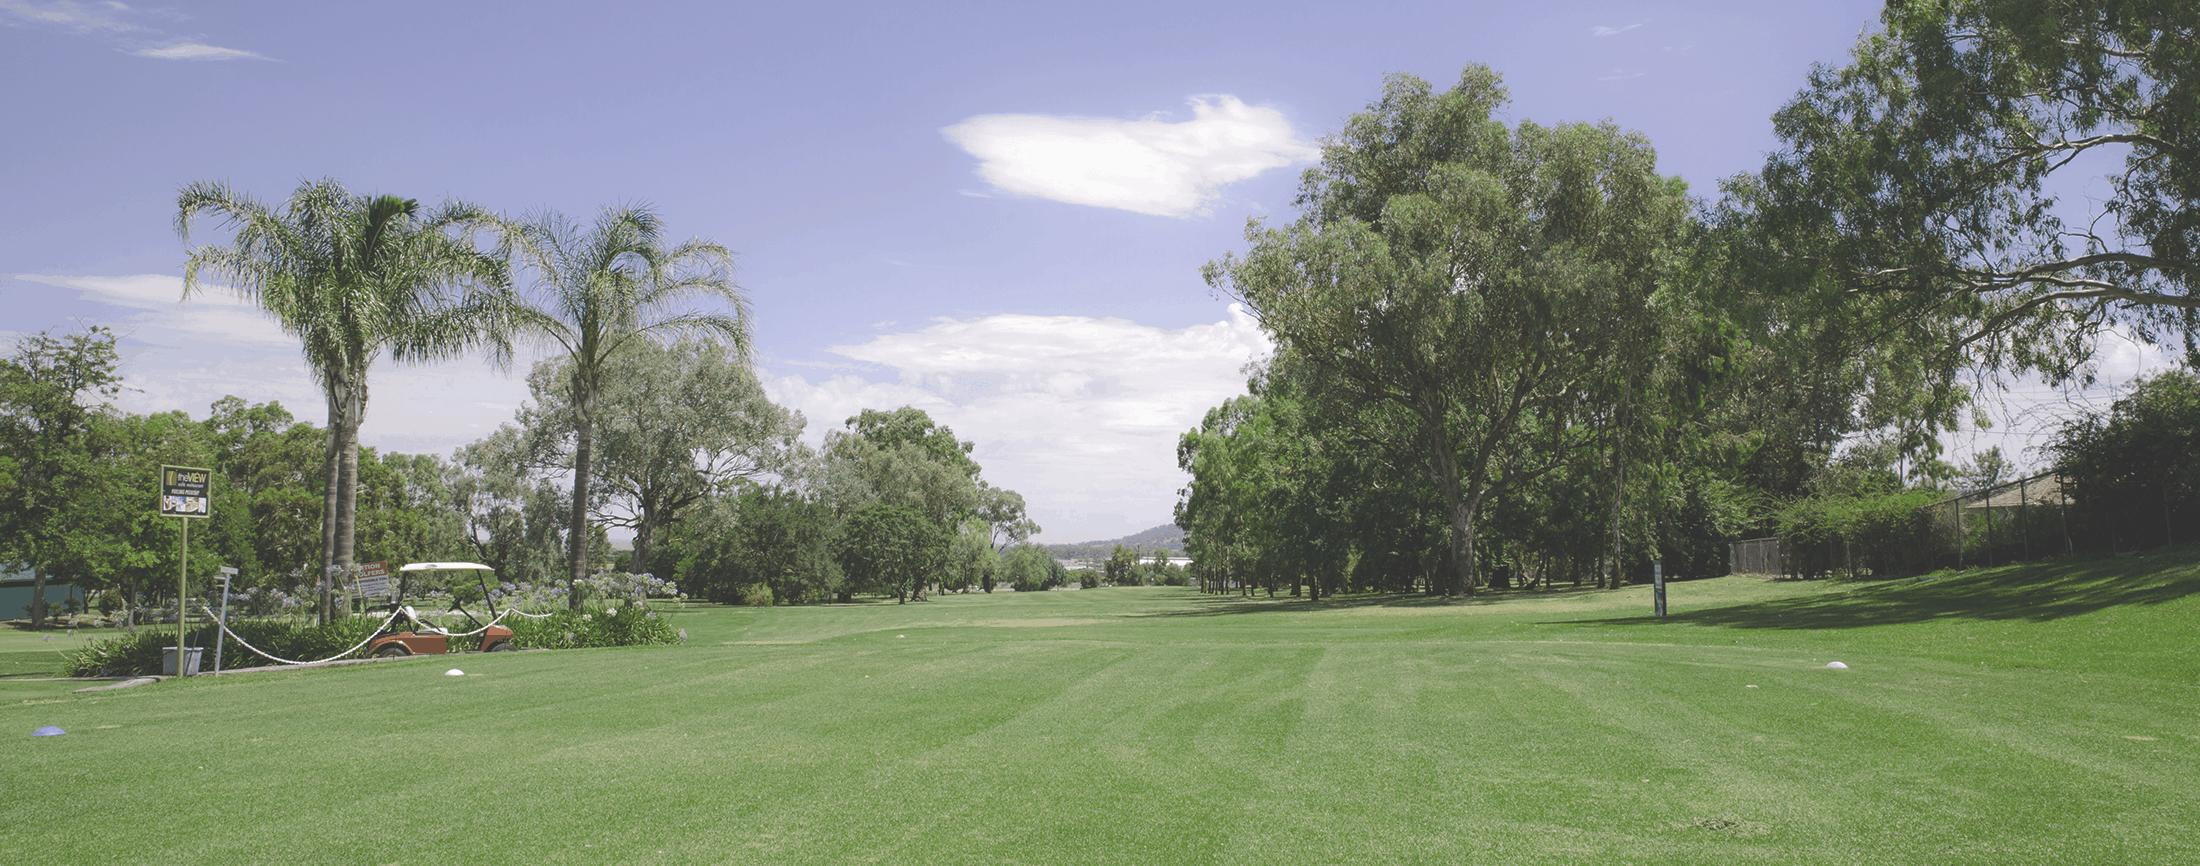 Tamworth Golf Club